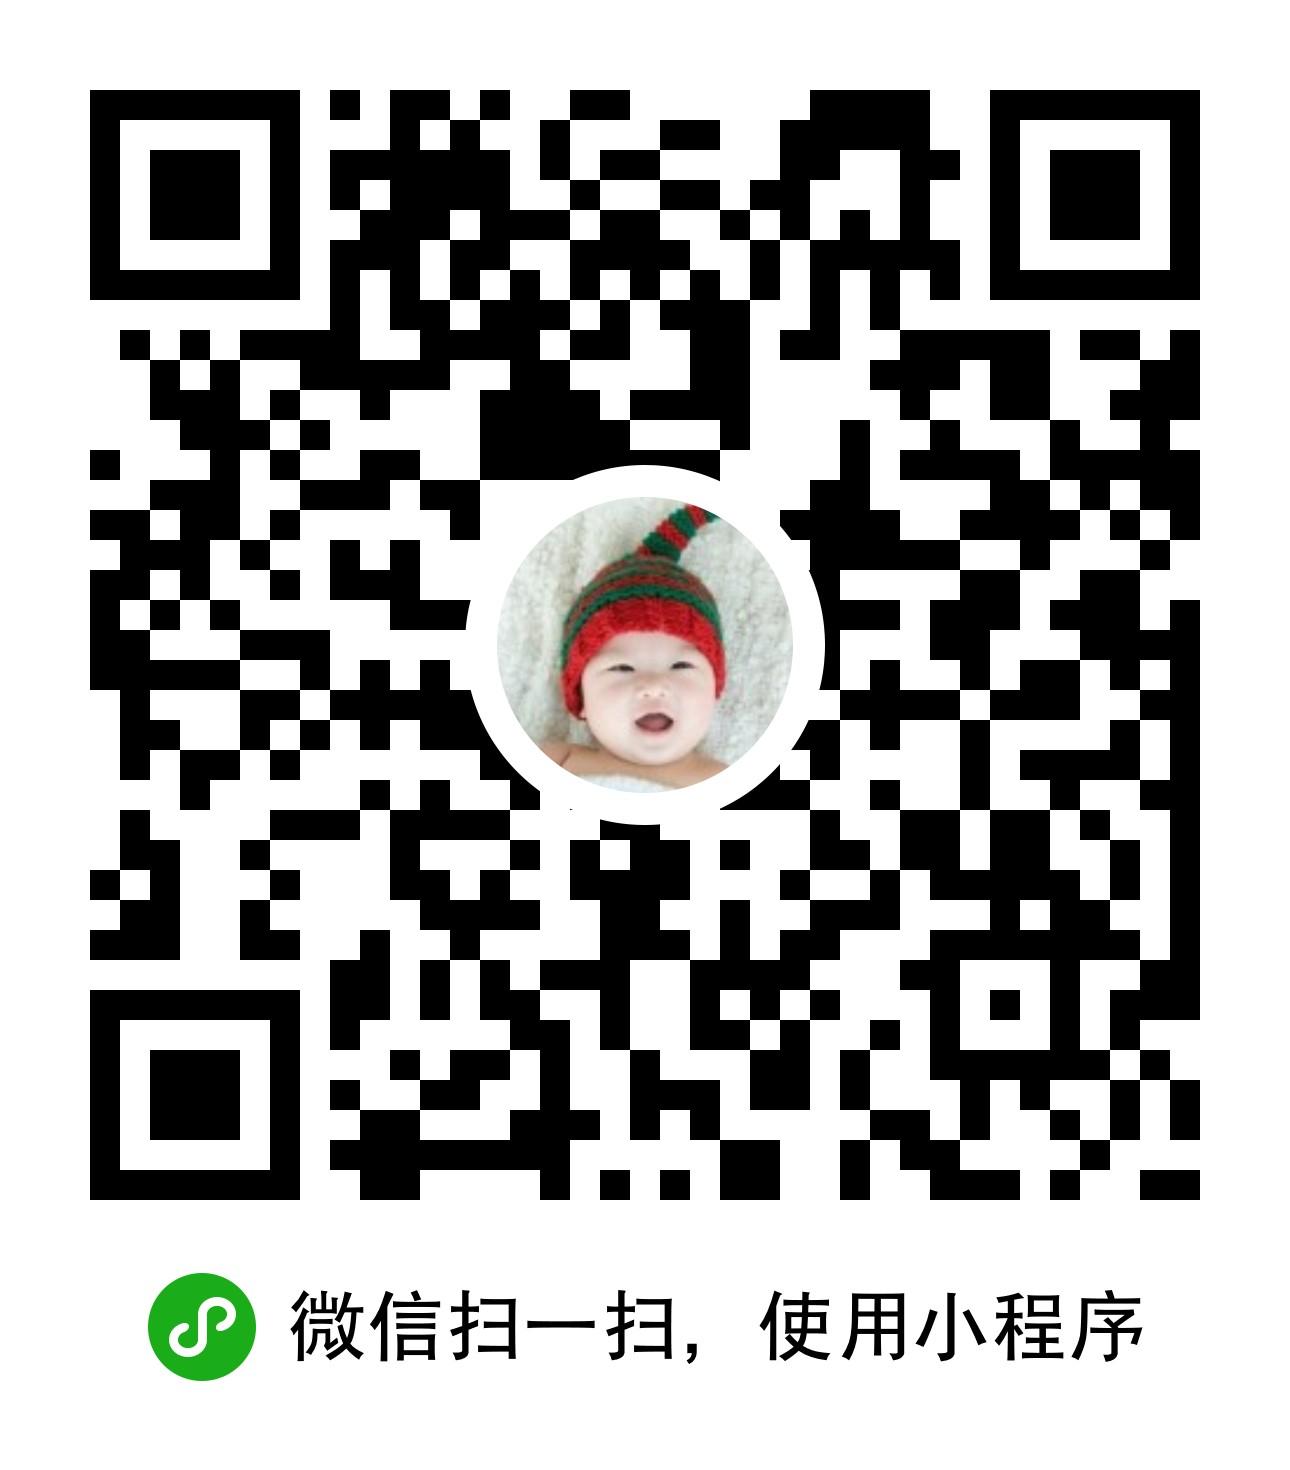 小小包麻麻好物-微信小程序二维码